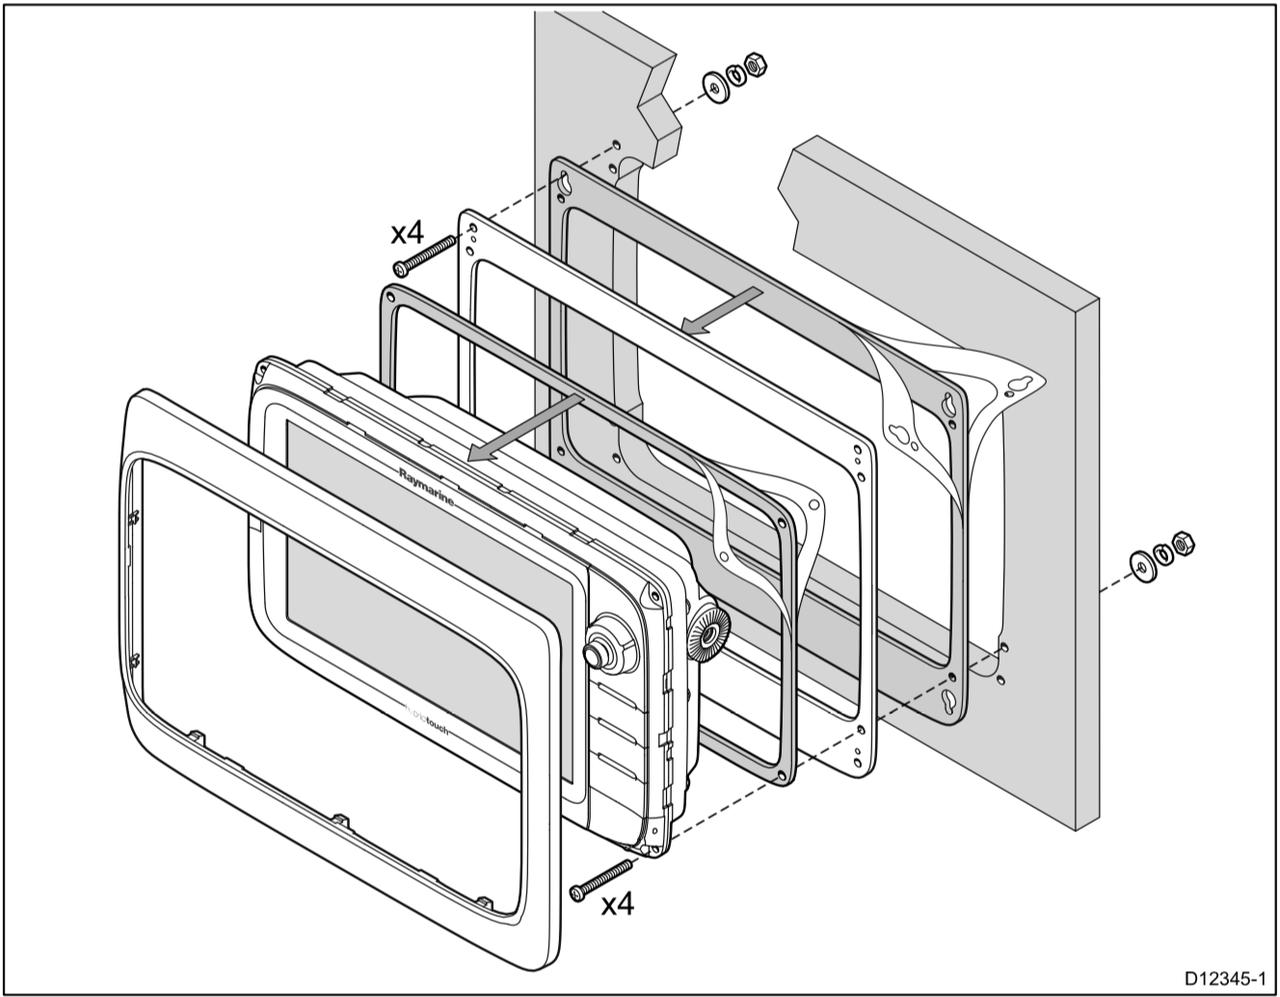 garmin 441s gps wiring diagram electrical wiring diagram symbolsgarmin 498 wiring diagram wiring data diagramwrg 2077 [ 1280 x 997 Pixel ]